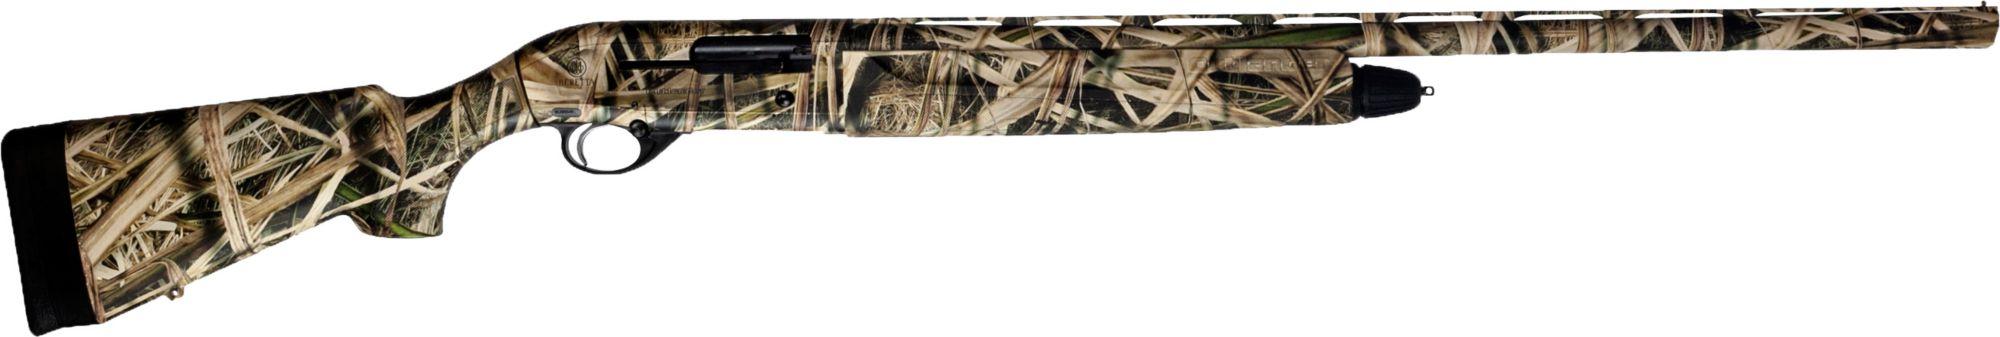 Beretta A300 Outlander Mossy Oak Shadow Grass Blades ... on Beretta Outdoor Living id=46484